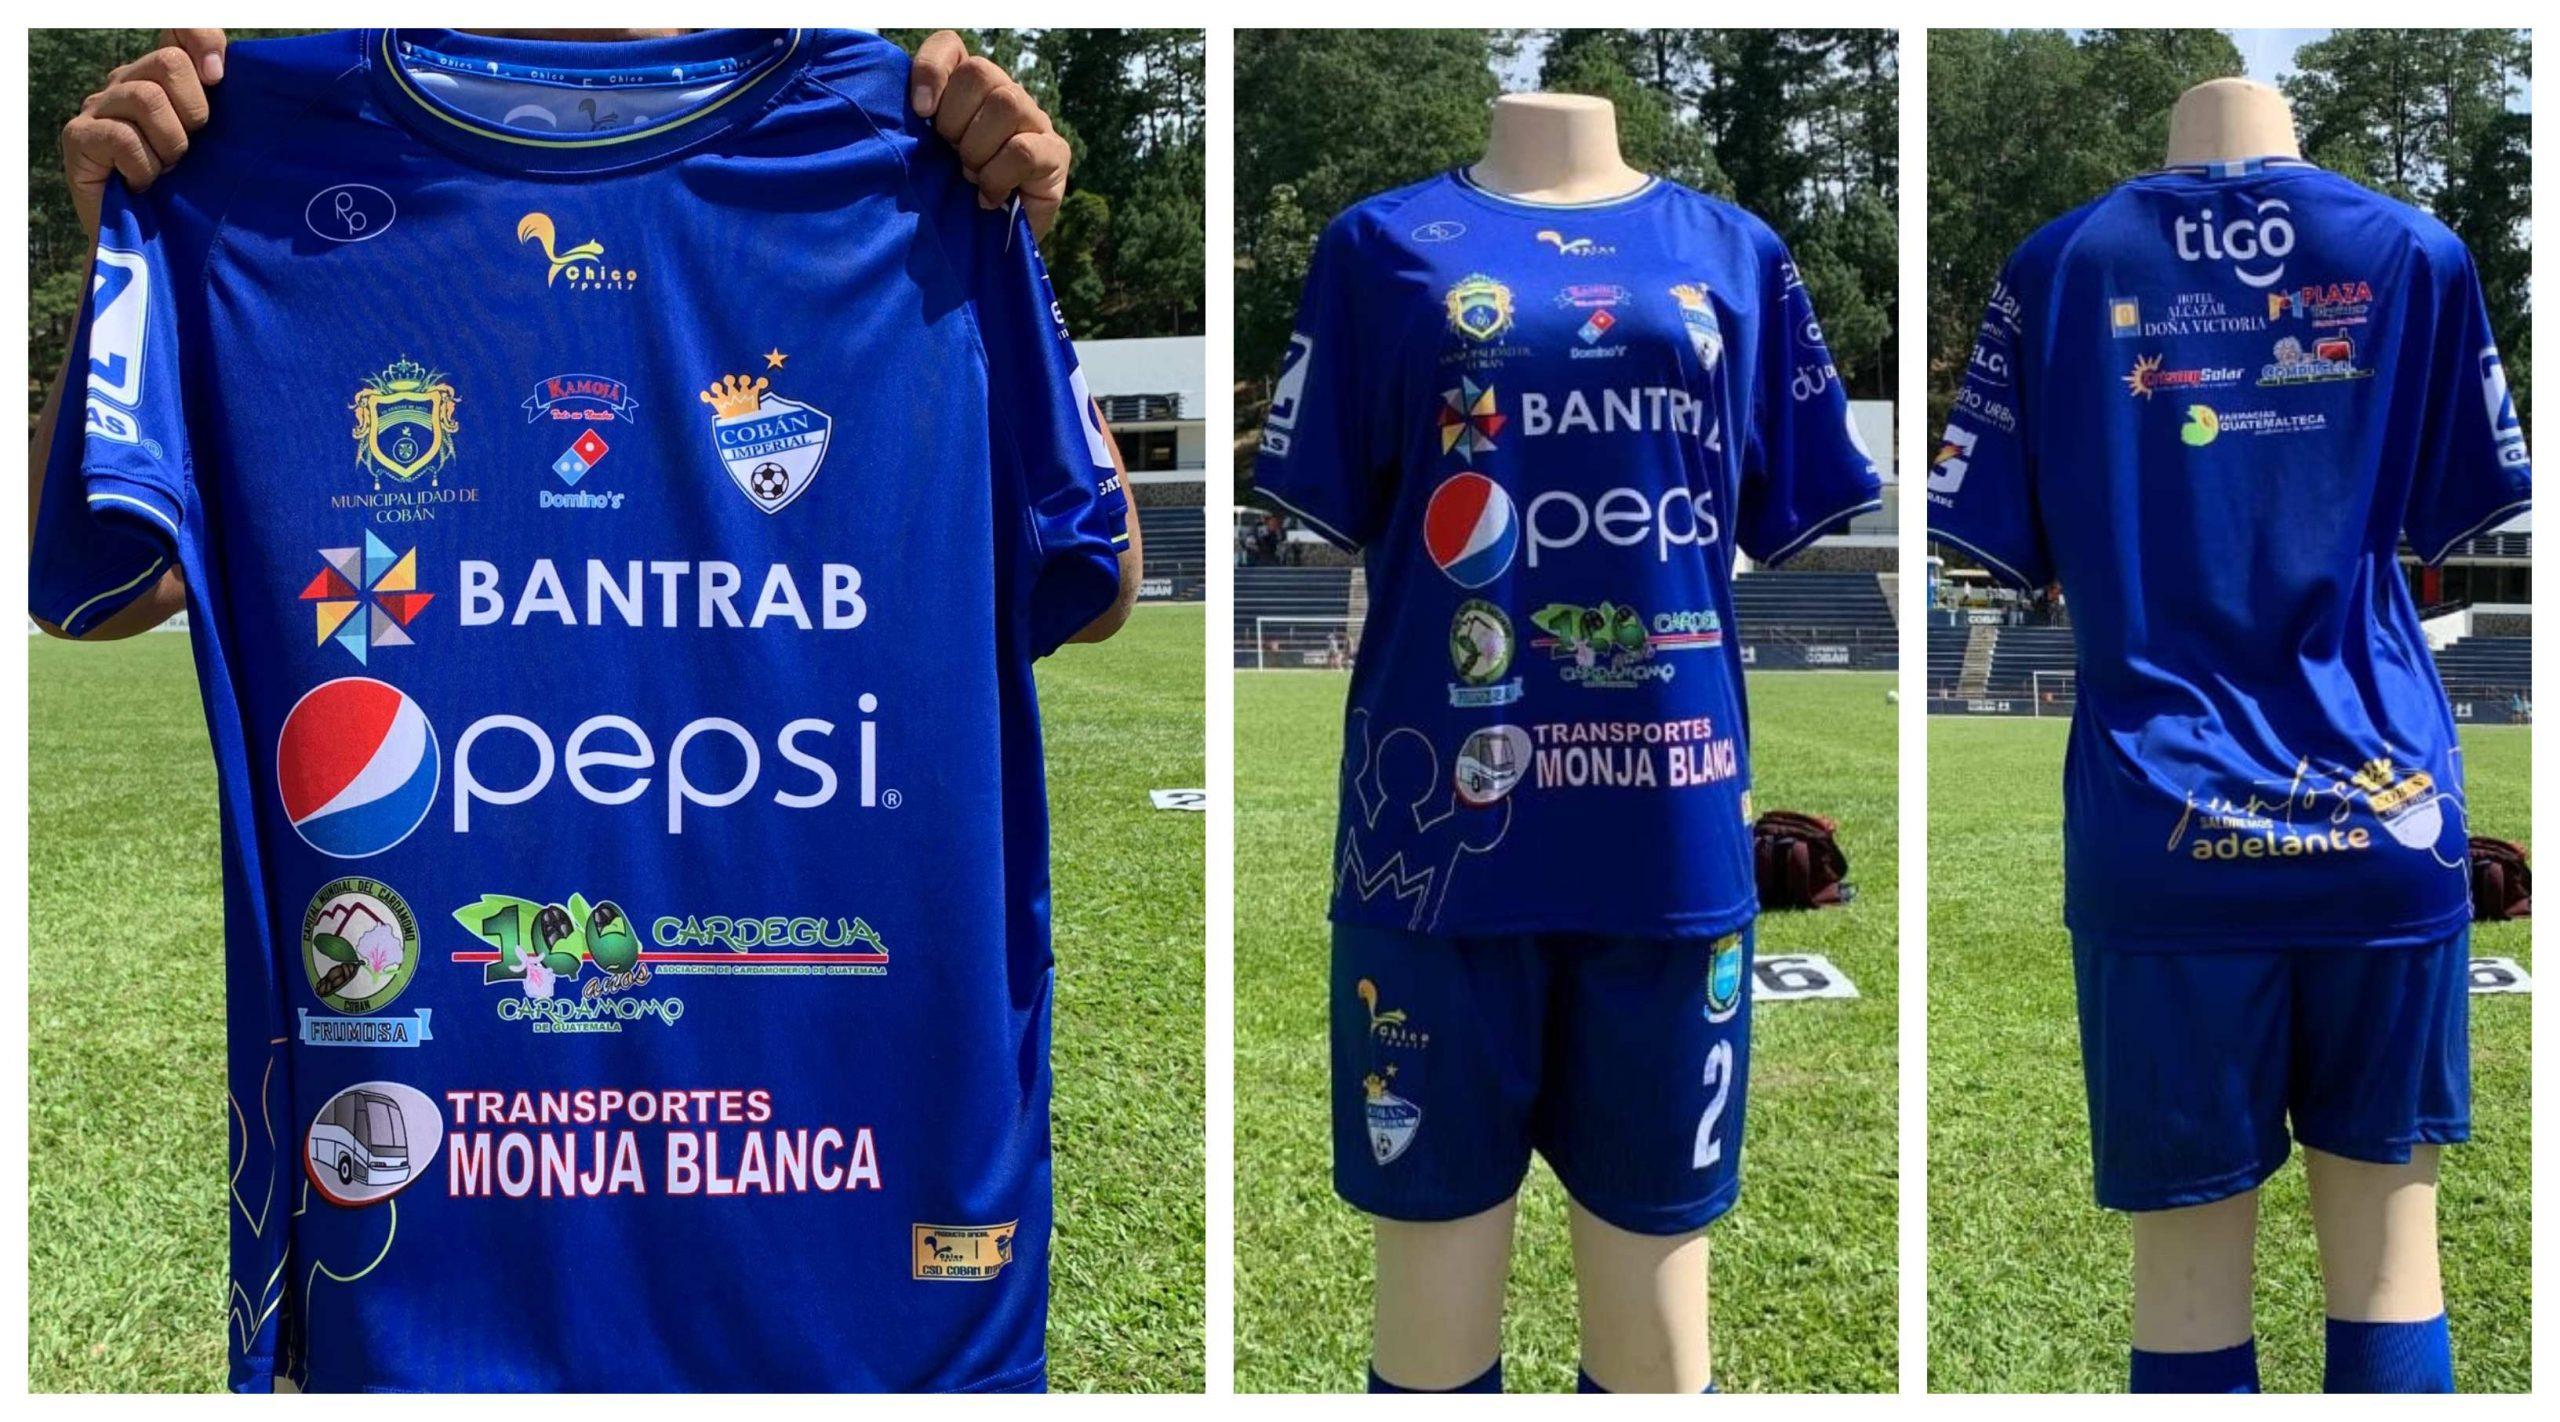 Cobán Imperial estrenará su nueva camisola en el partido este sábado a las 15:30 horas, en el estadio Verapaz, frente al campeón Municipal. (Foto. Eduardo Sam)